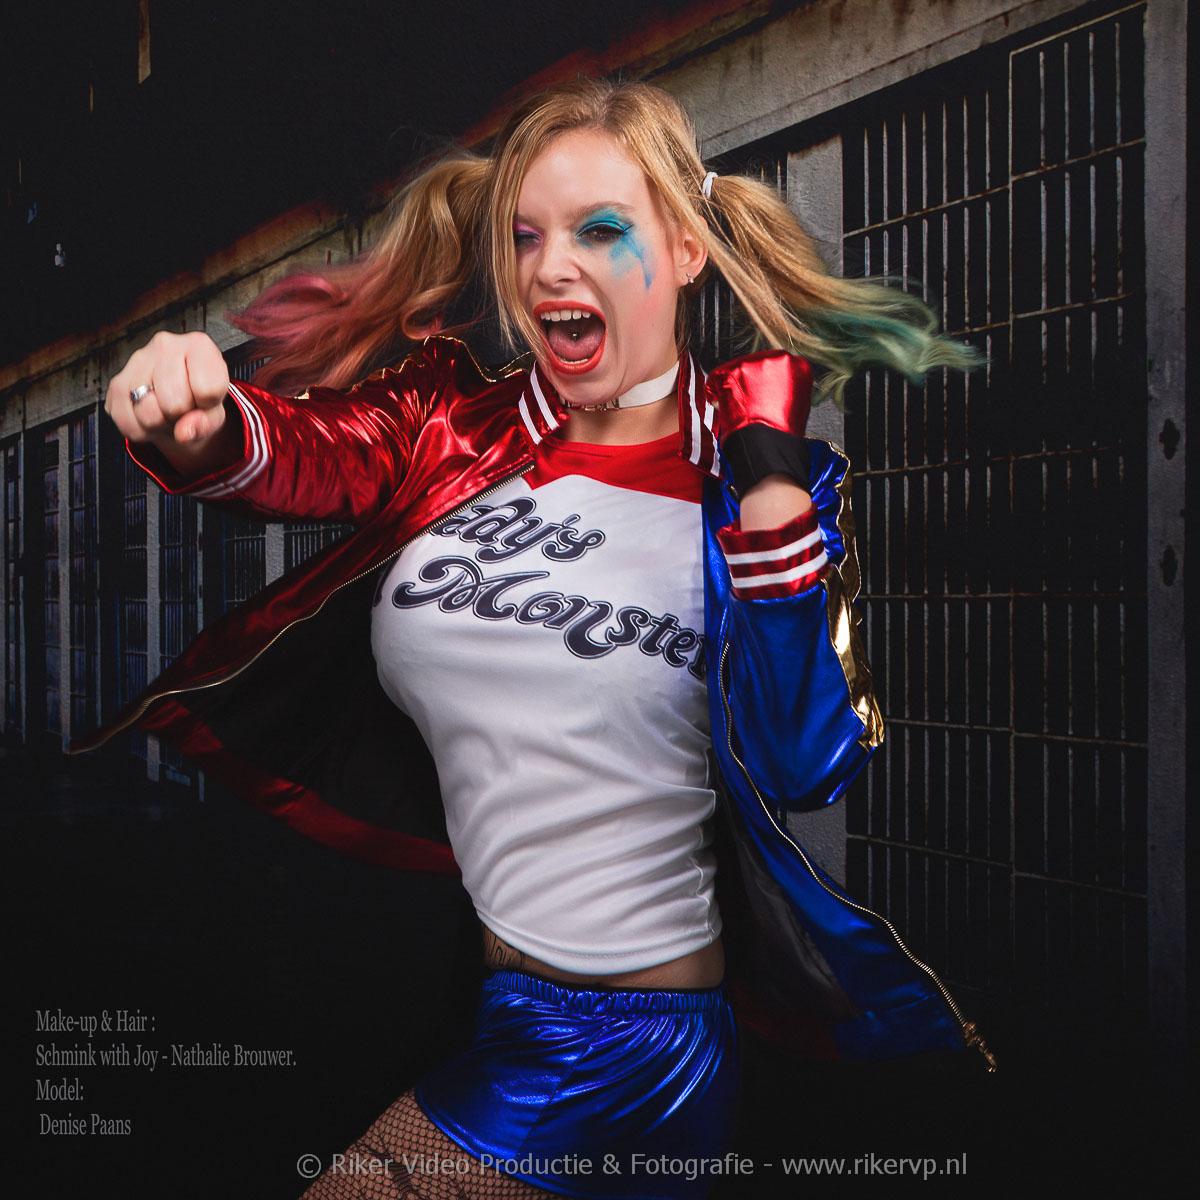 Portretfotograaf-Betaalbare Fotoshoots-Zwijndrecht-Dordrecht-Rotterdam-zuid holland-1-3